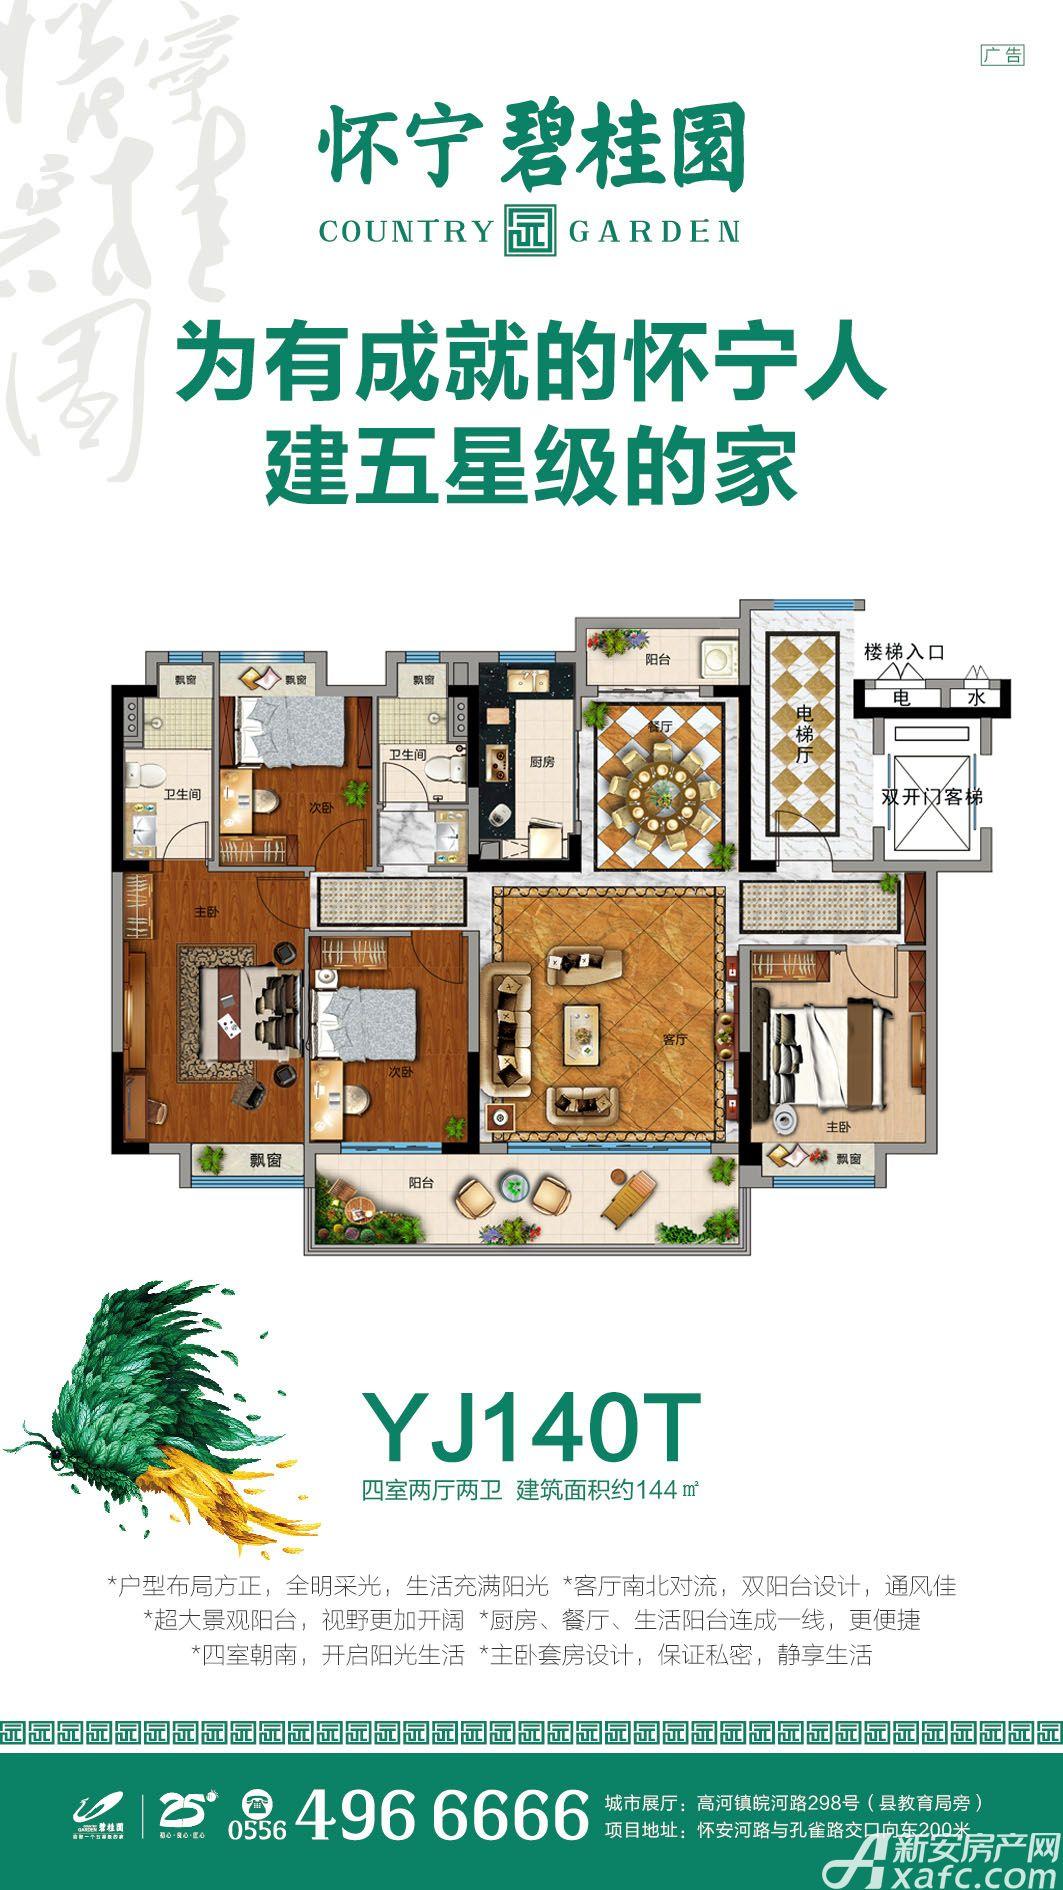 怀宁碧桂园四室两厅两卫4室2厅144平米